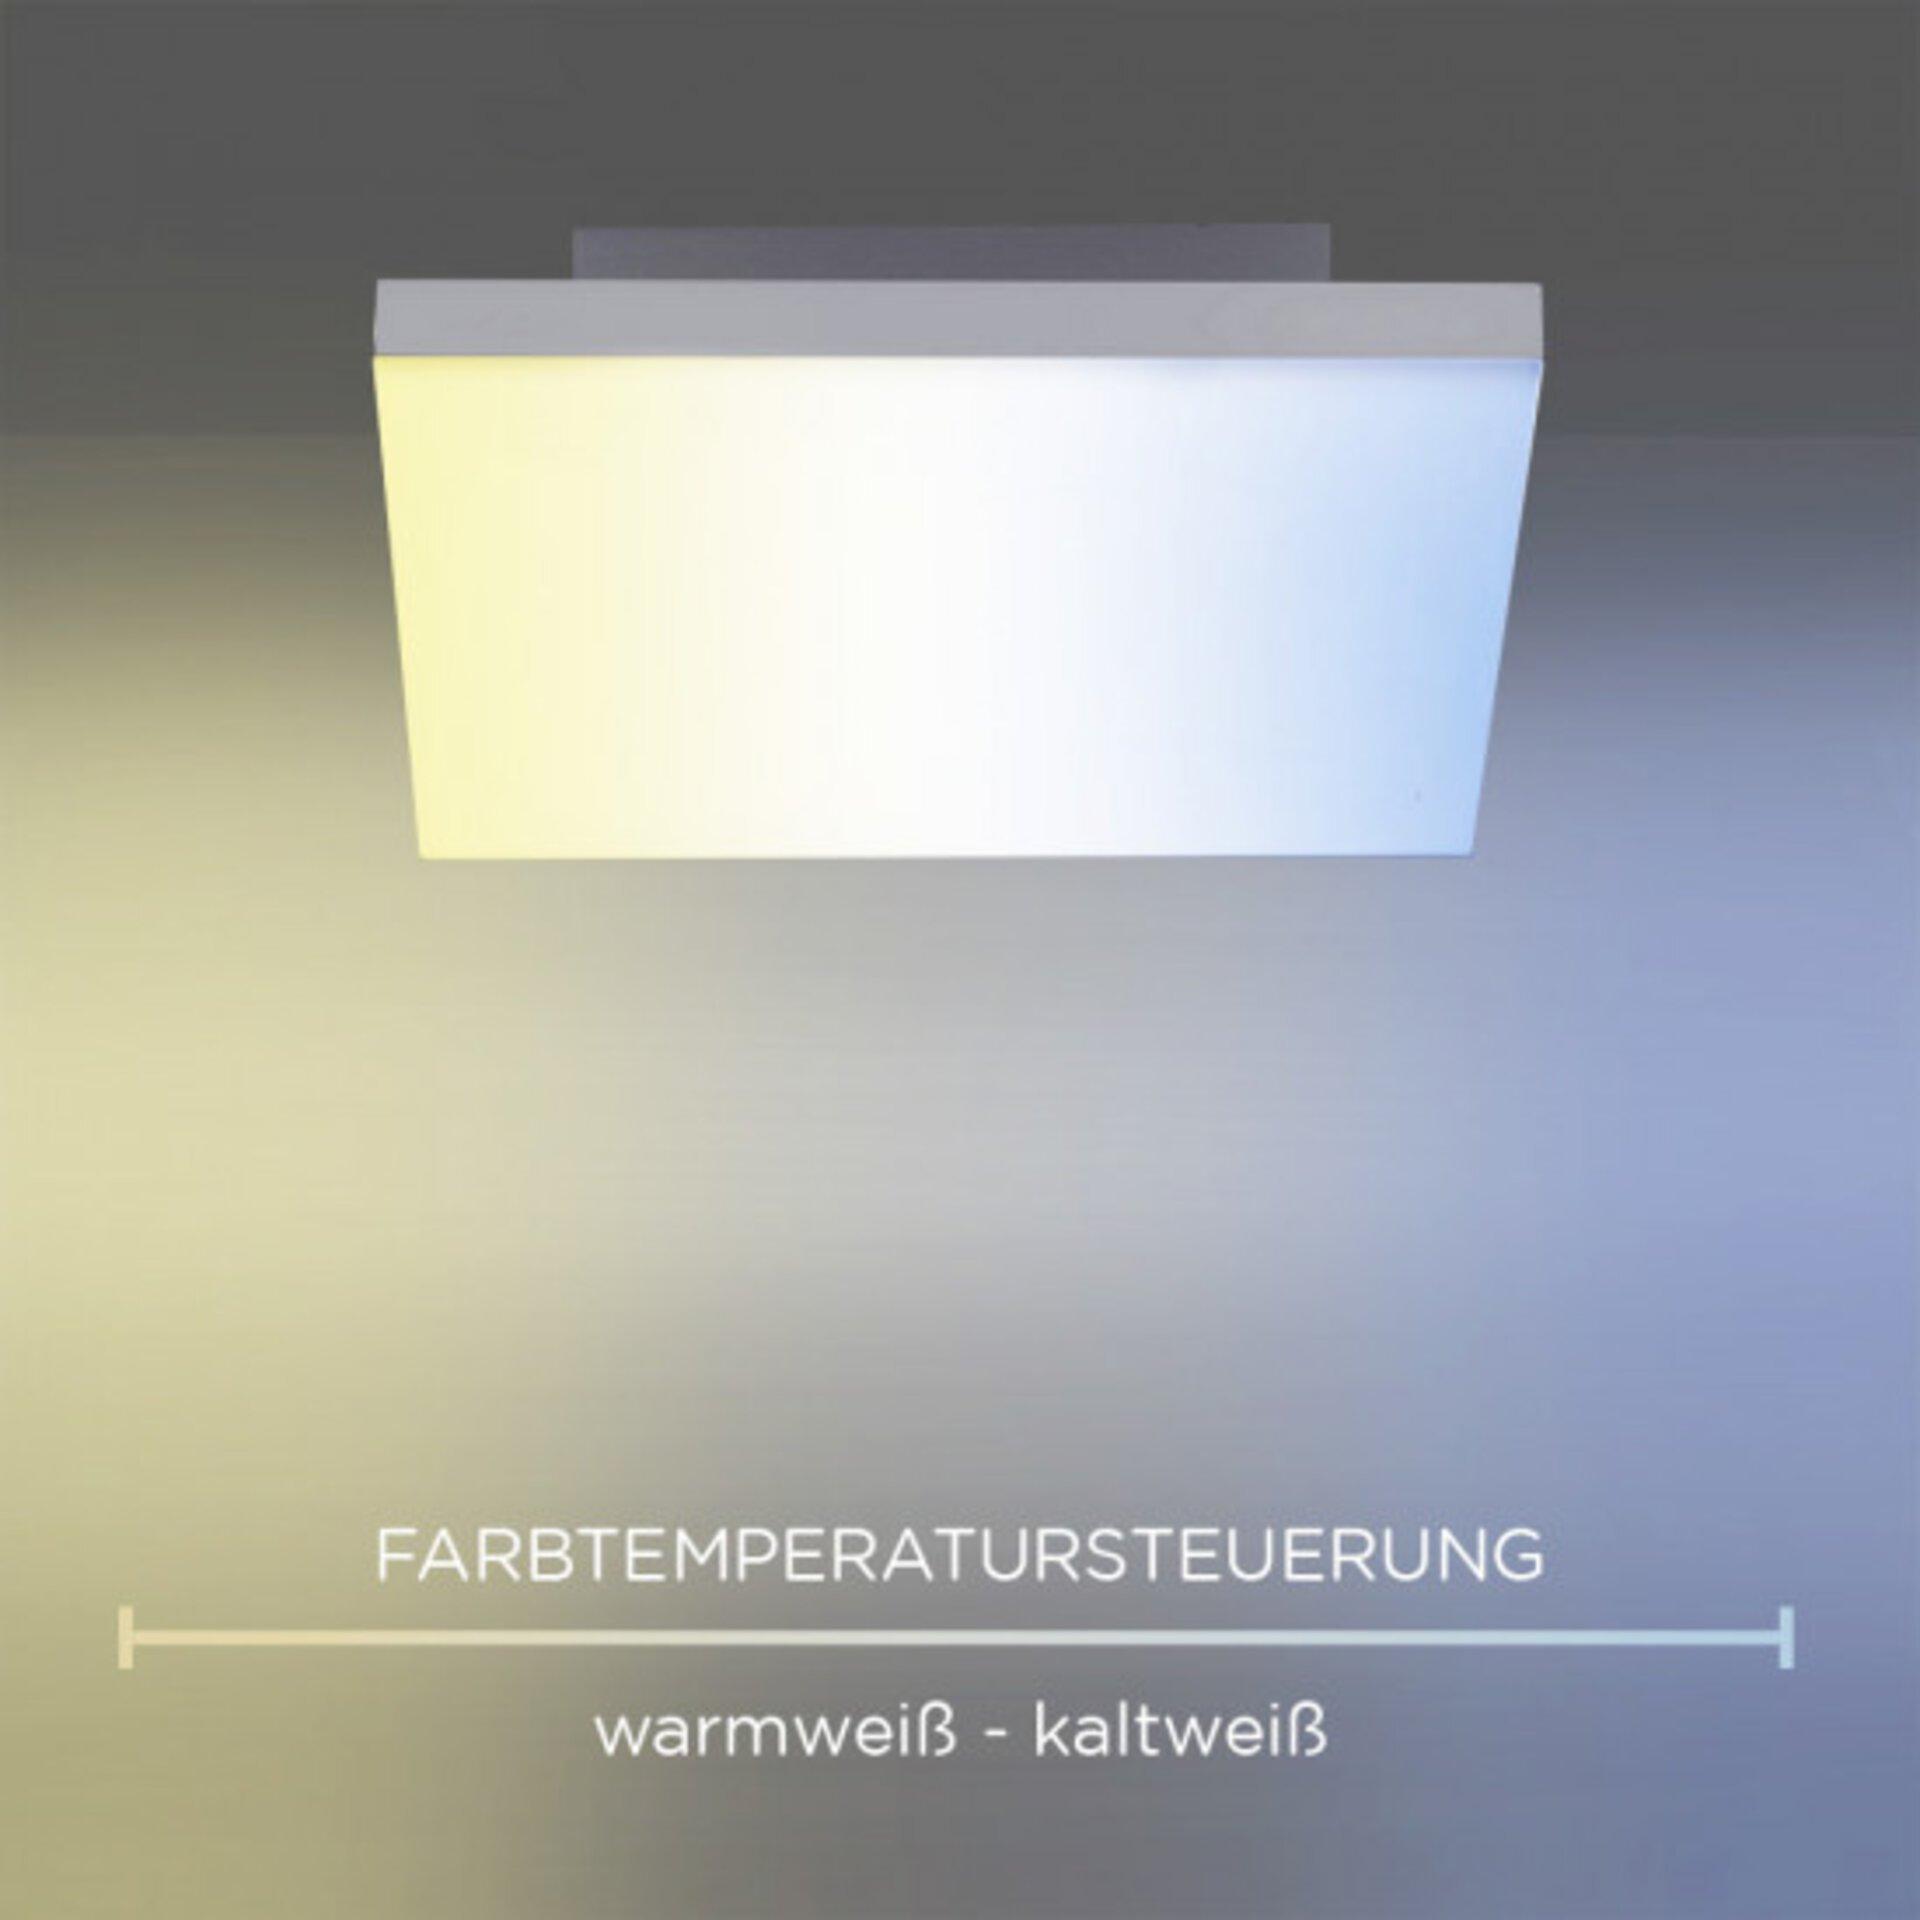 Deckenleuchte FRAMELESS Paul Neuhaus Metall 62 x 7 x 62 cm